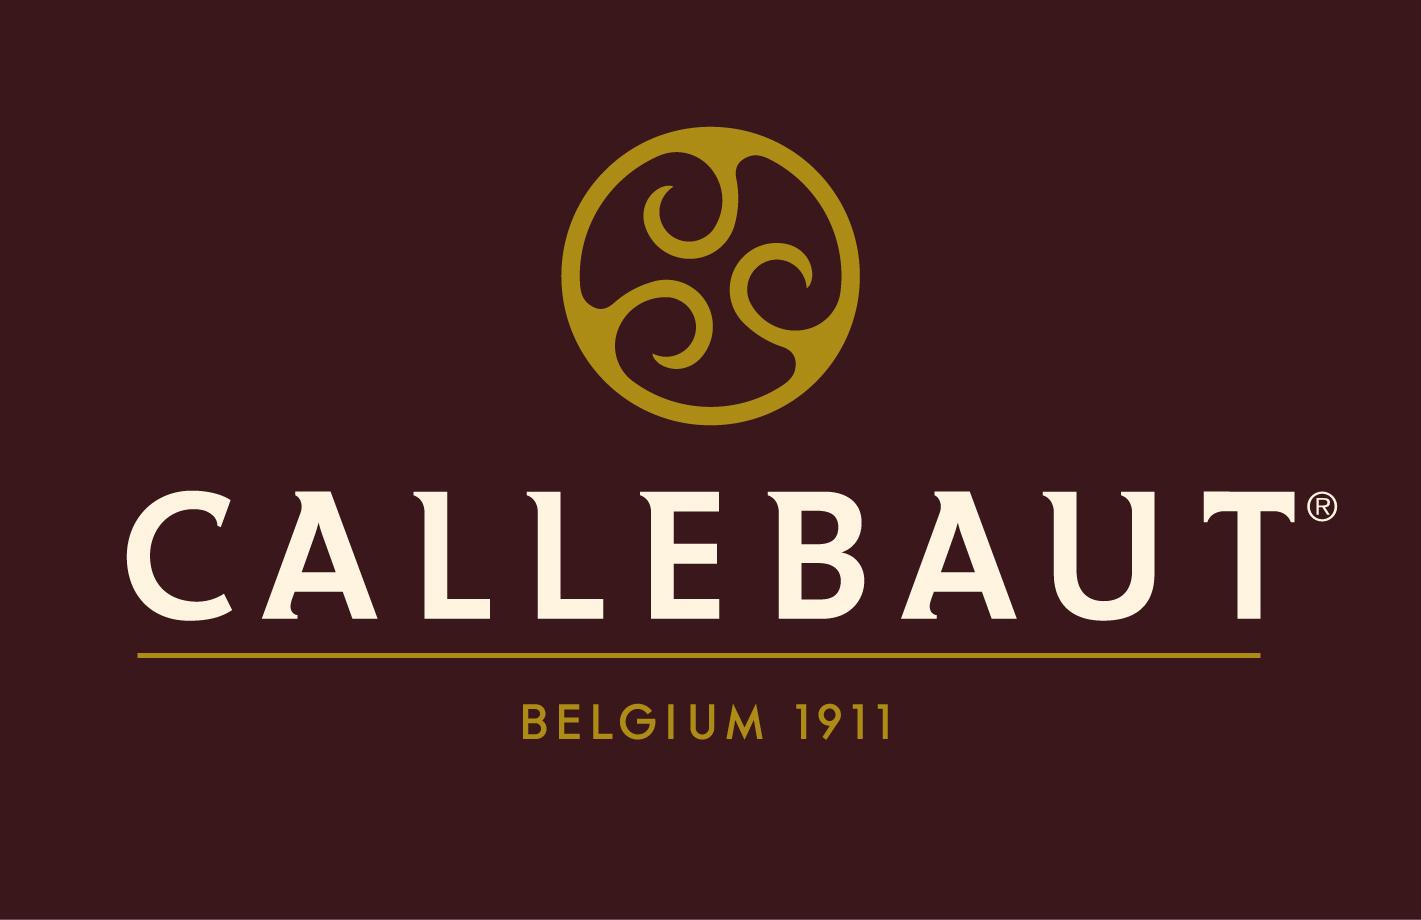 Картинки по запросу Шоколад callebaut логотип